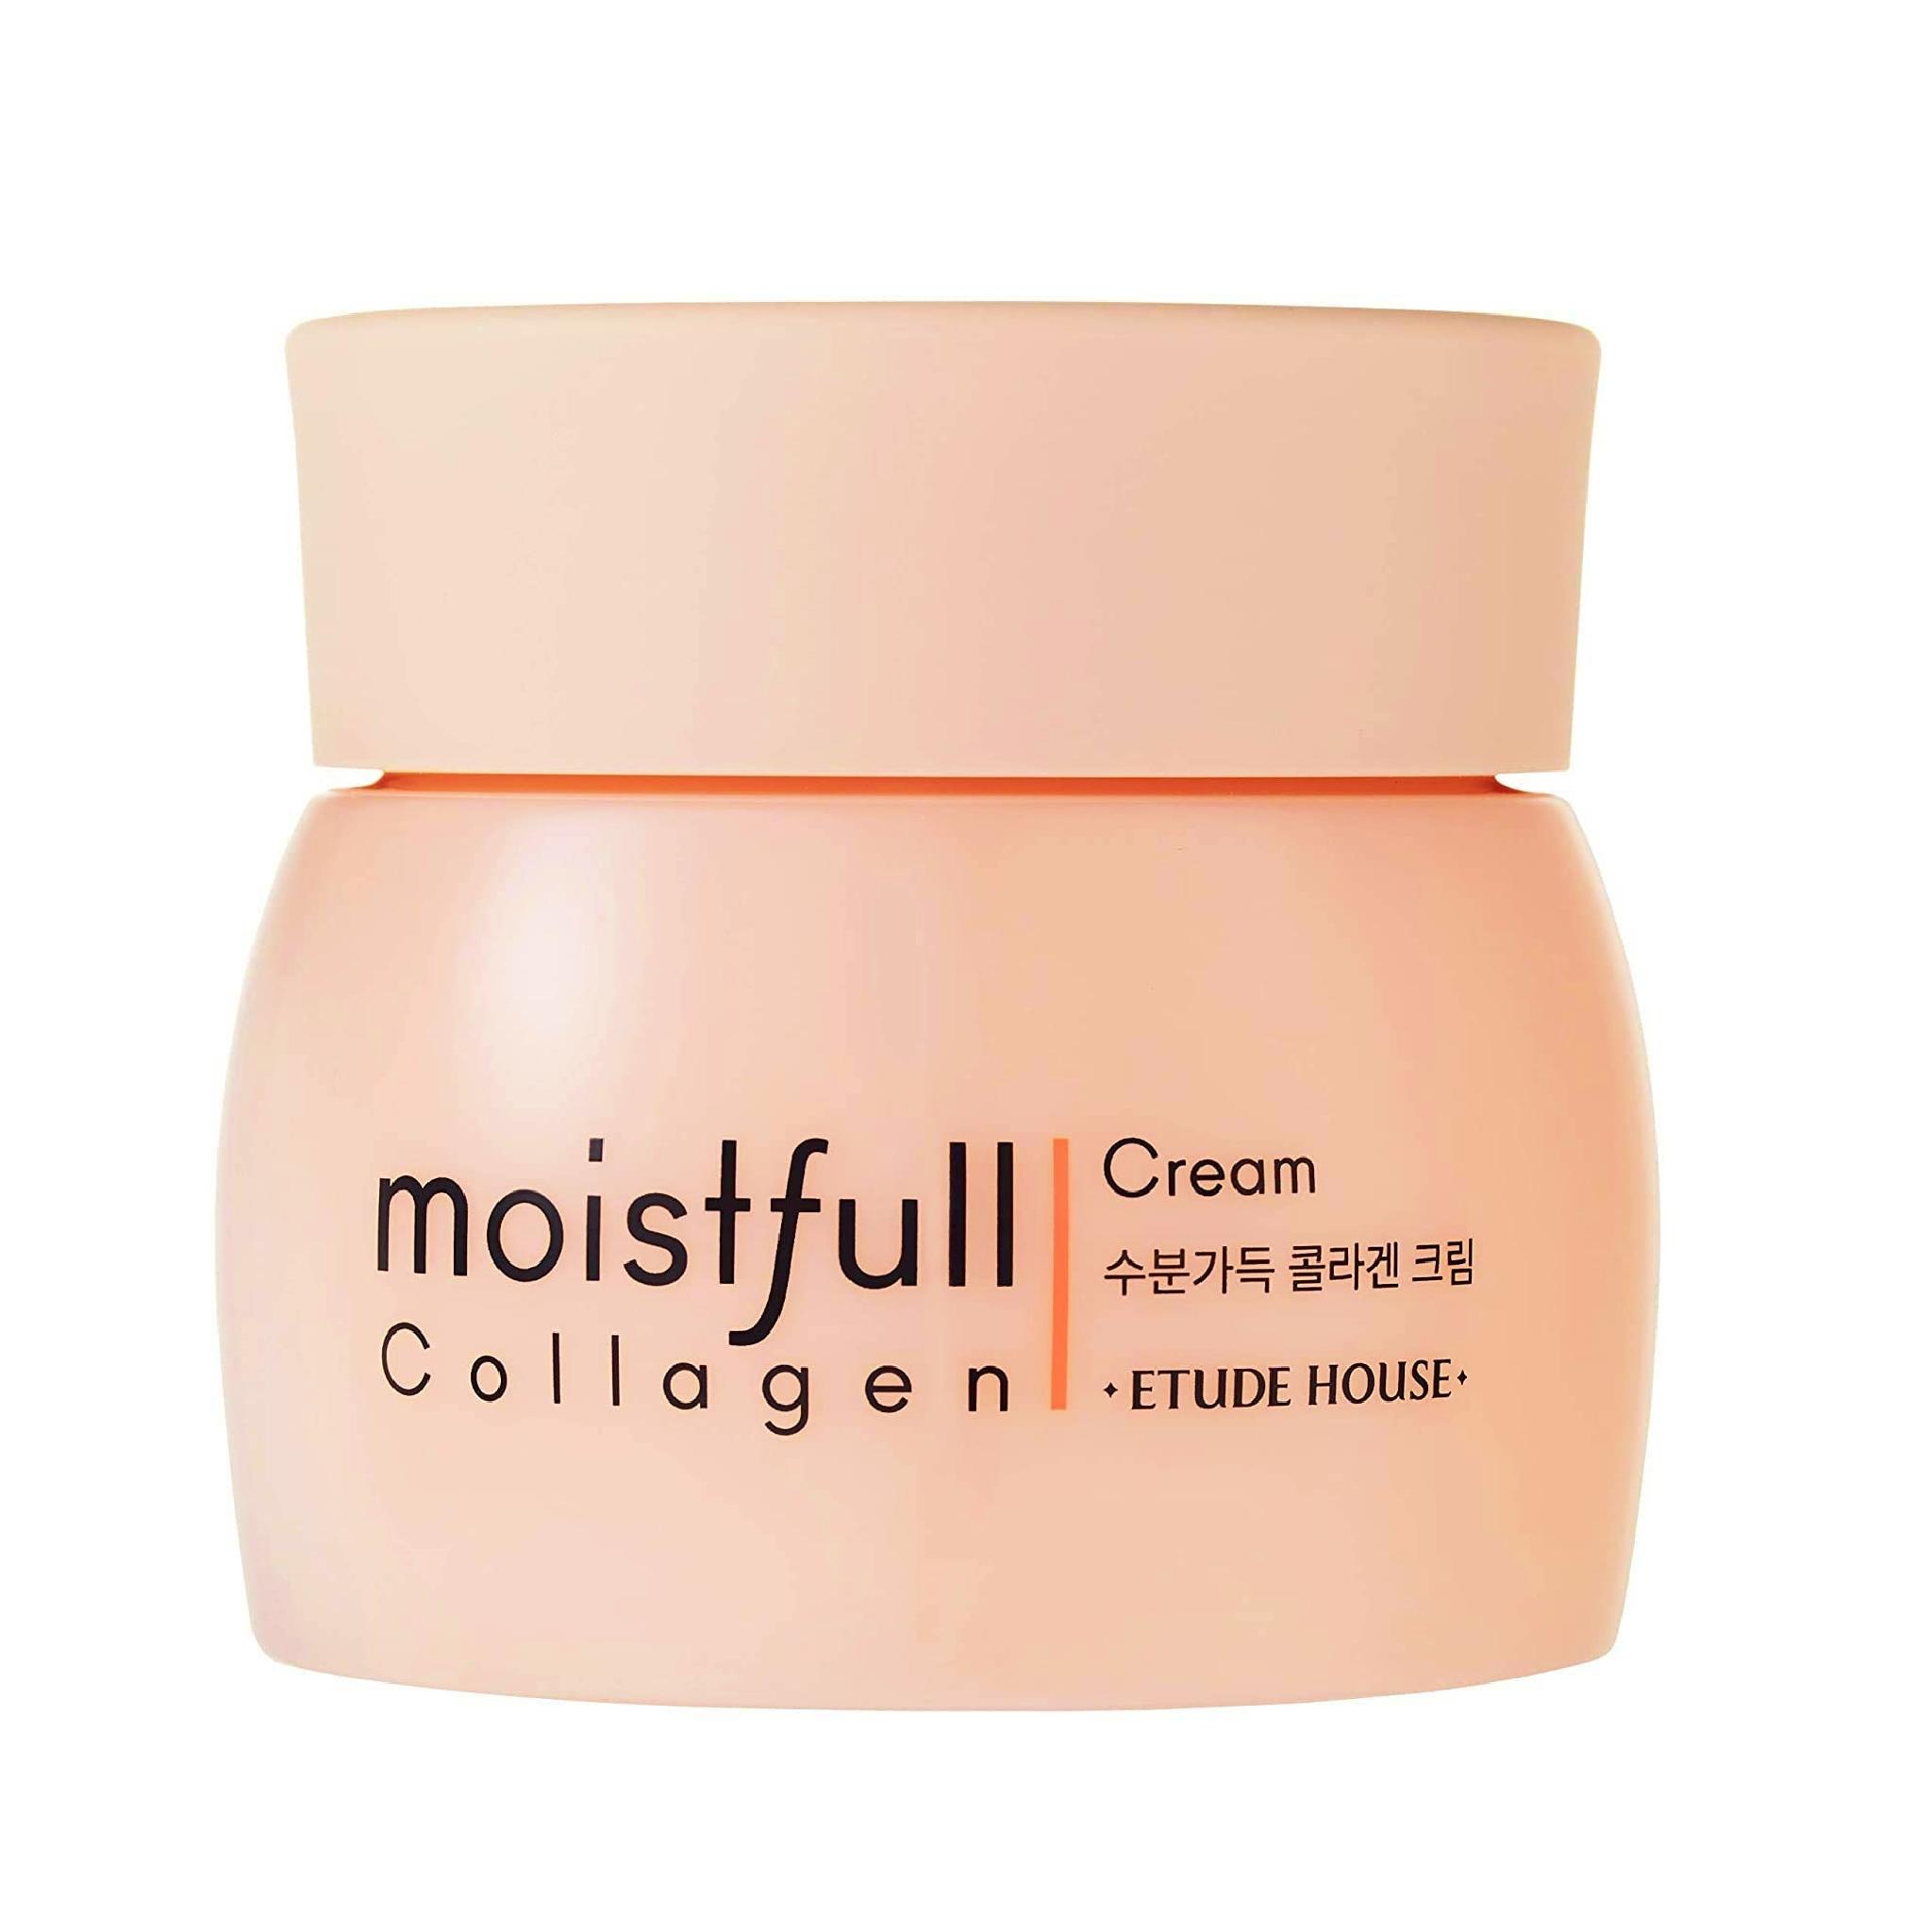 Korean Beauty Products - ETUDE HOUSE Moistfull Collagen Cream